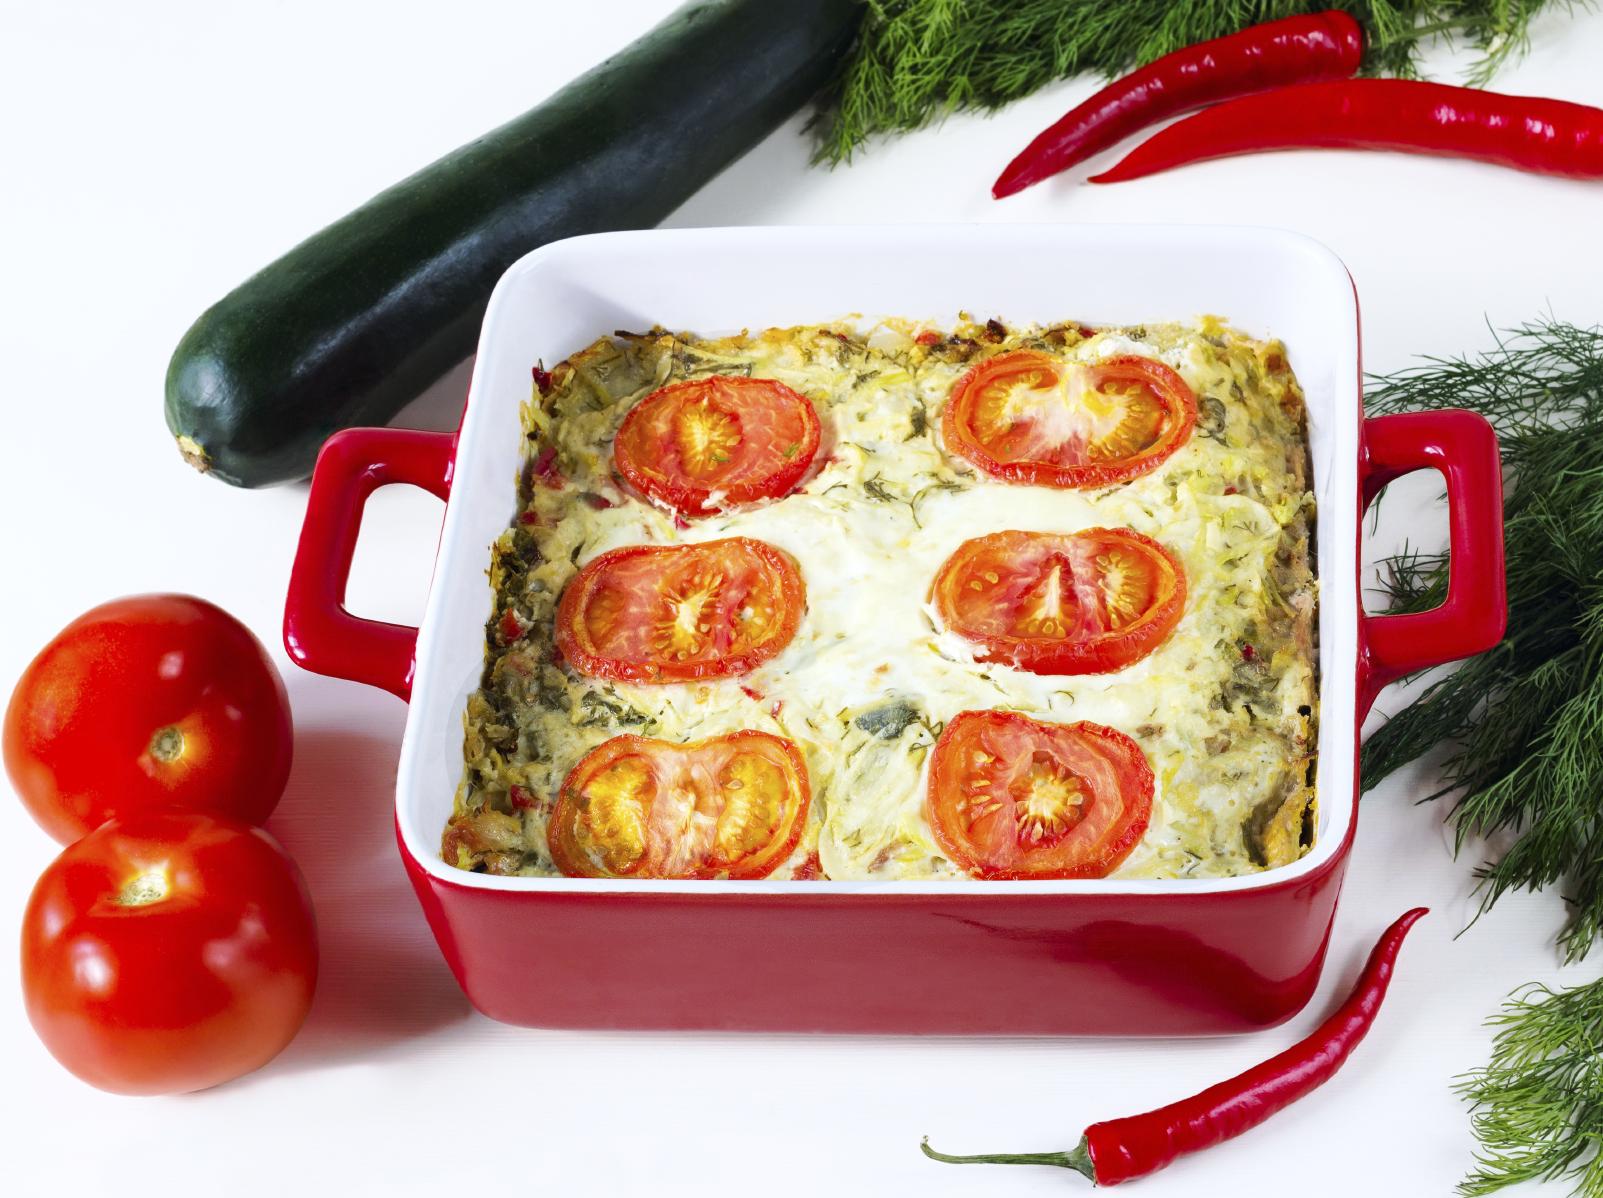 Gratinado de calabacines y tomates